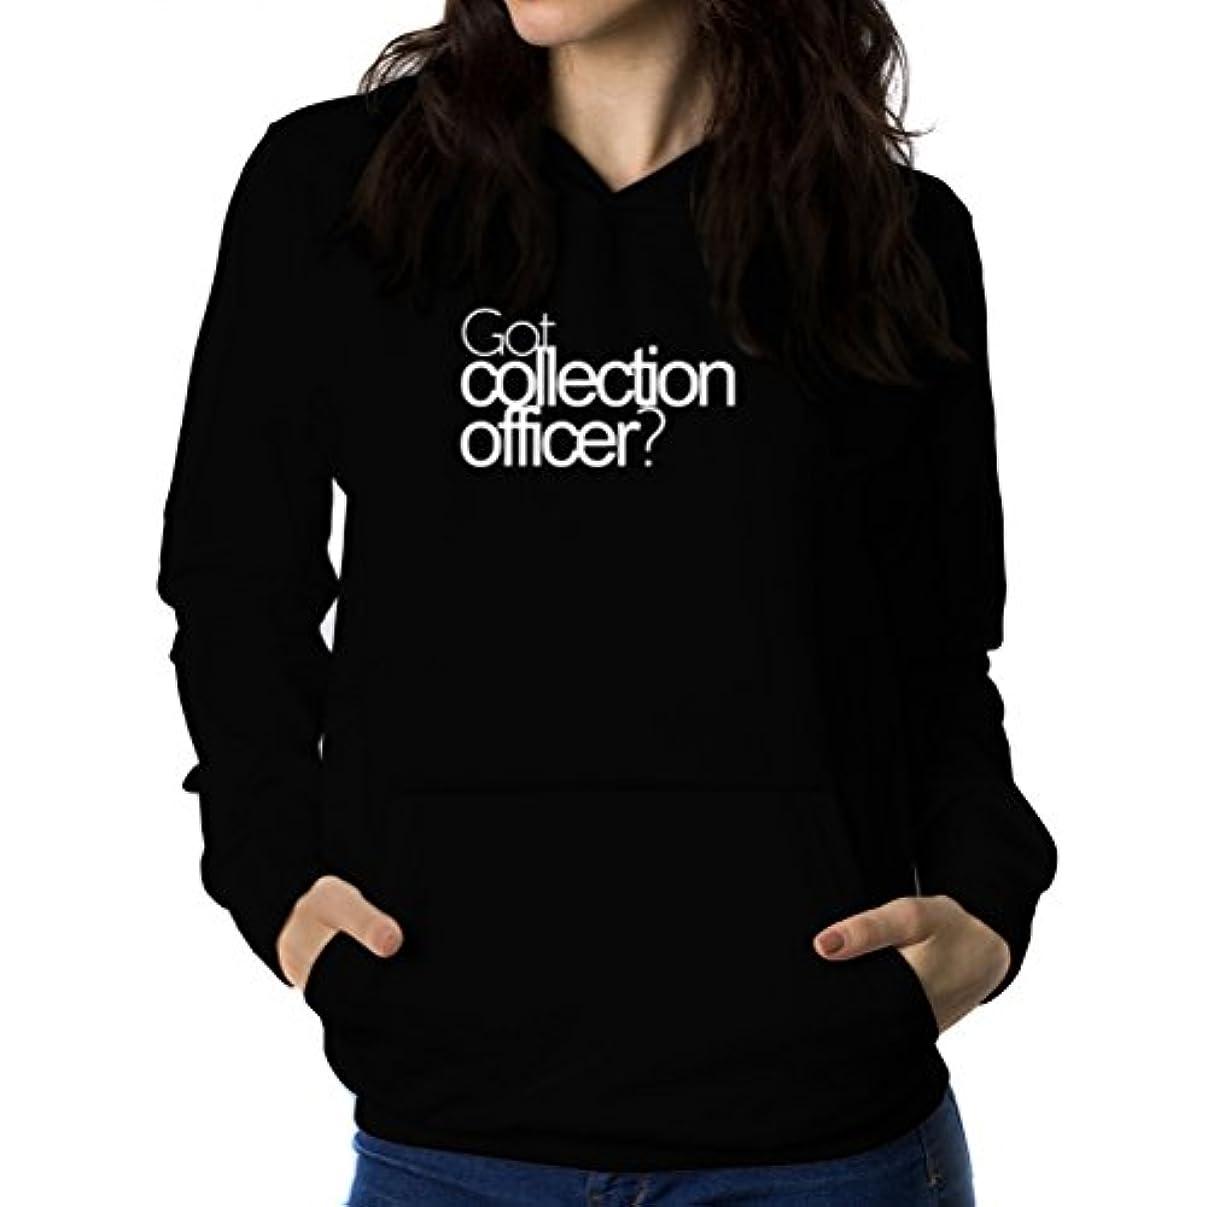 受取人アダルトに負けるGot Collection Officer? 女性 フーディー